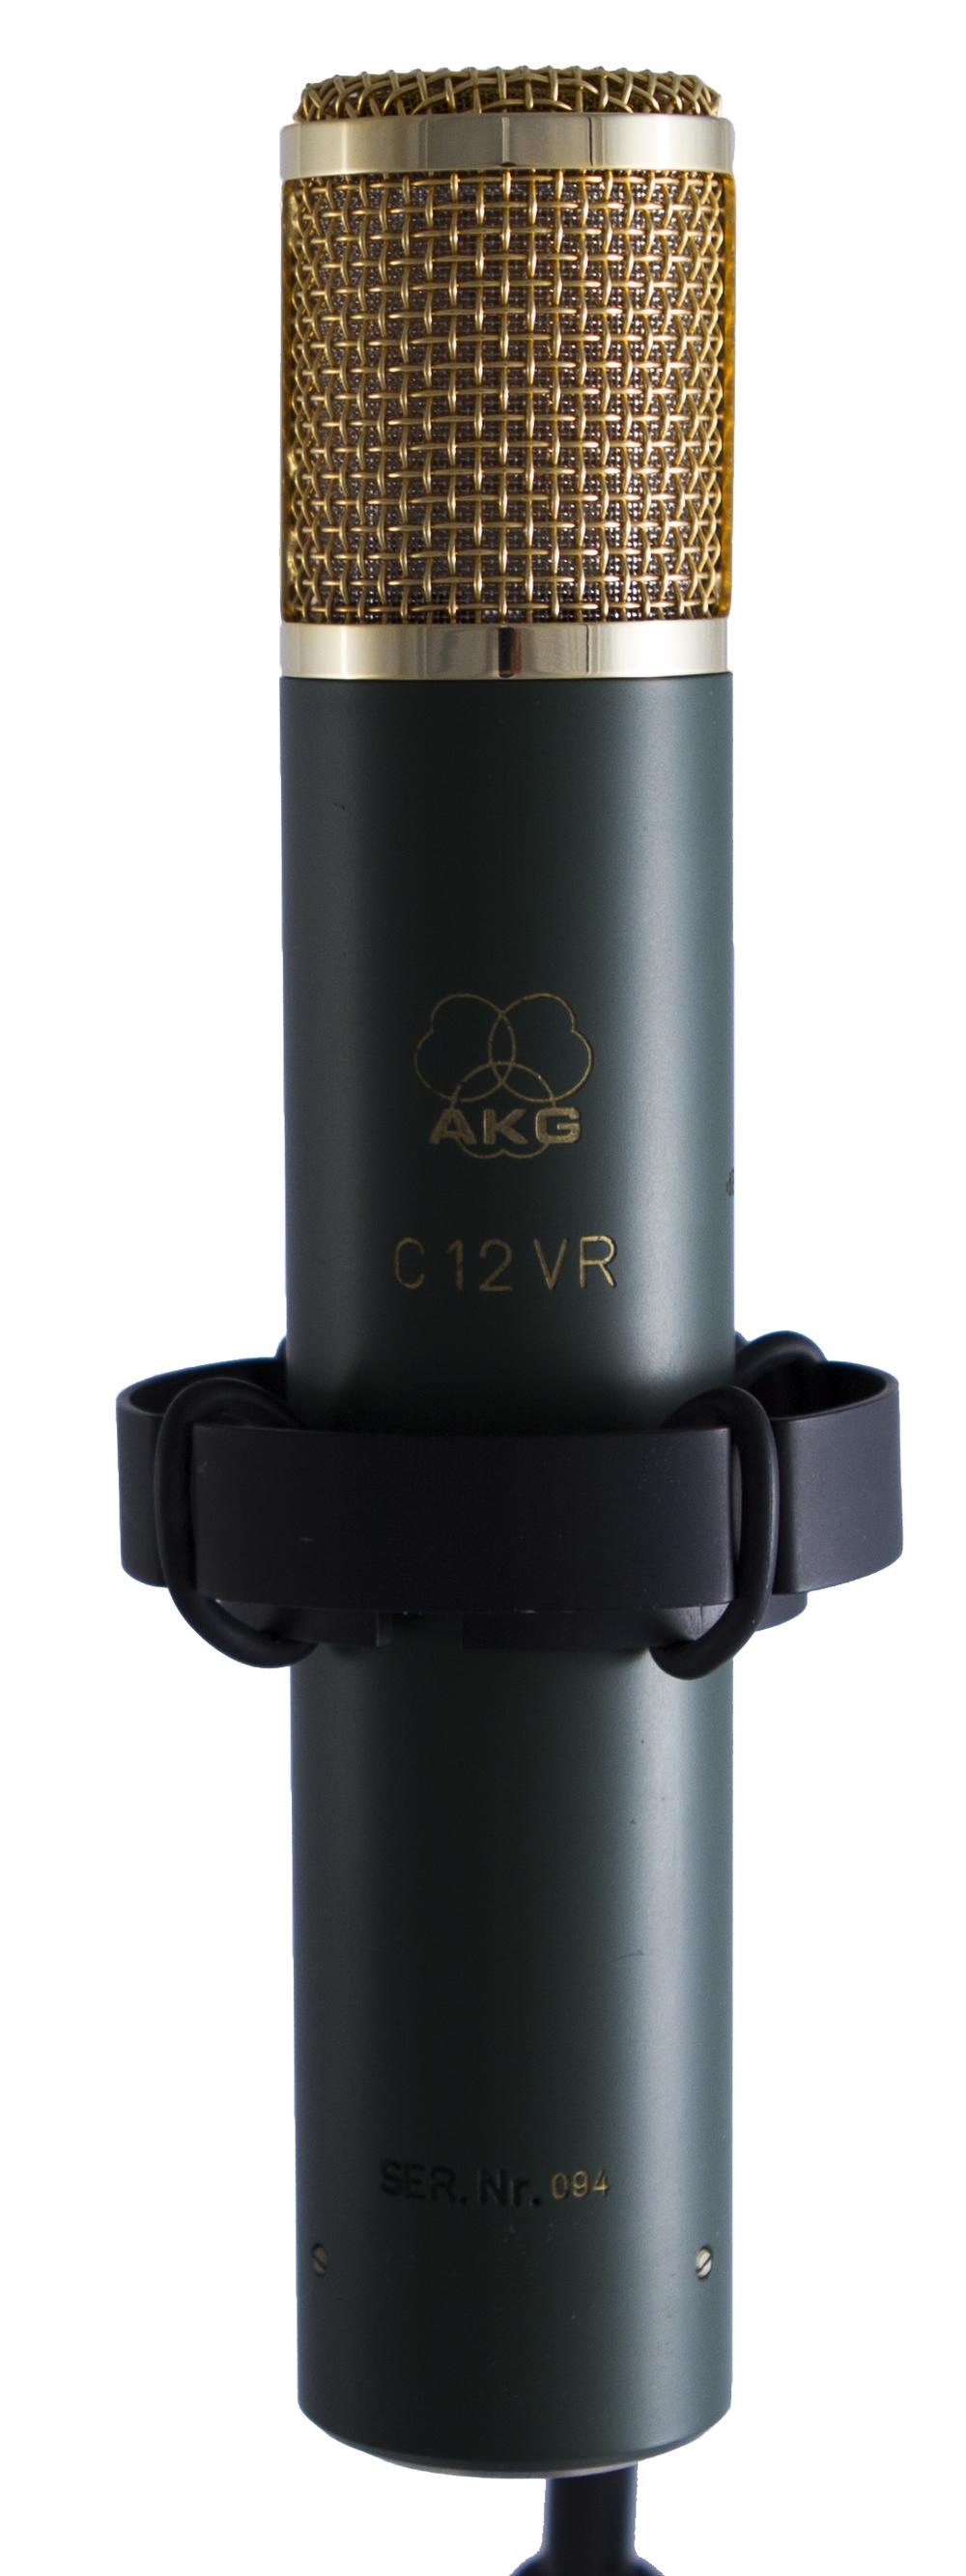 AKG C12 VR.jpg